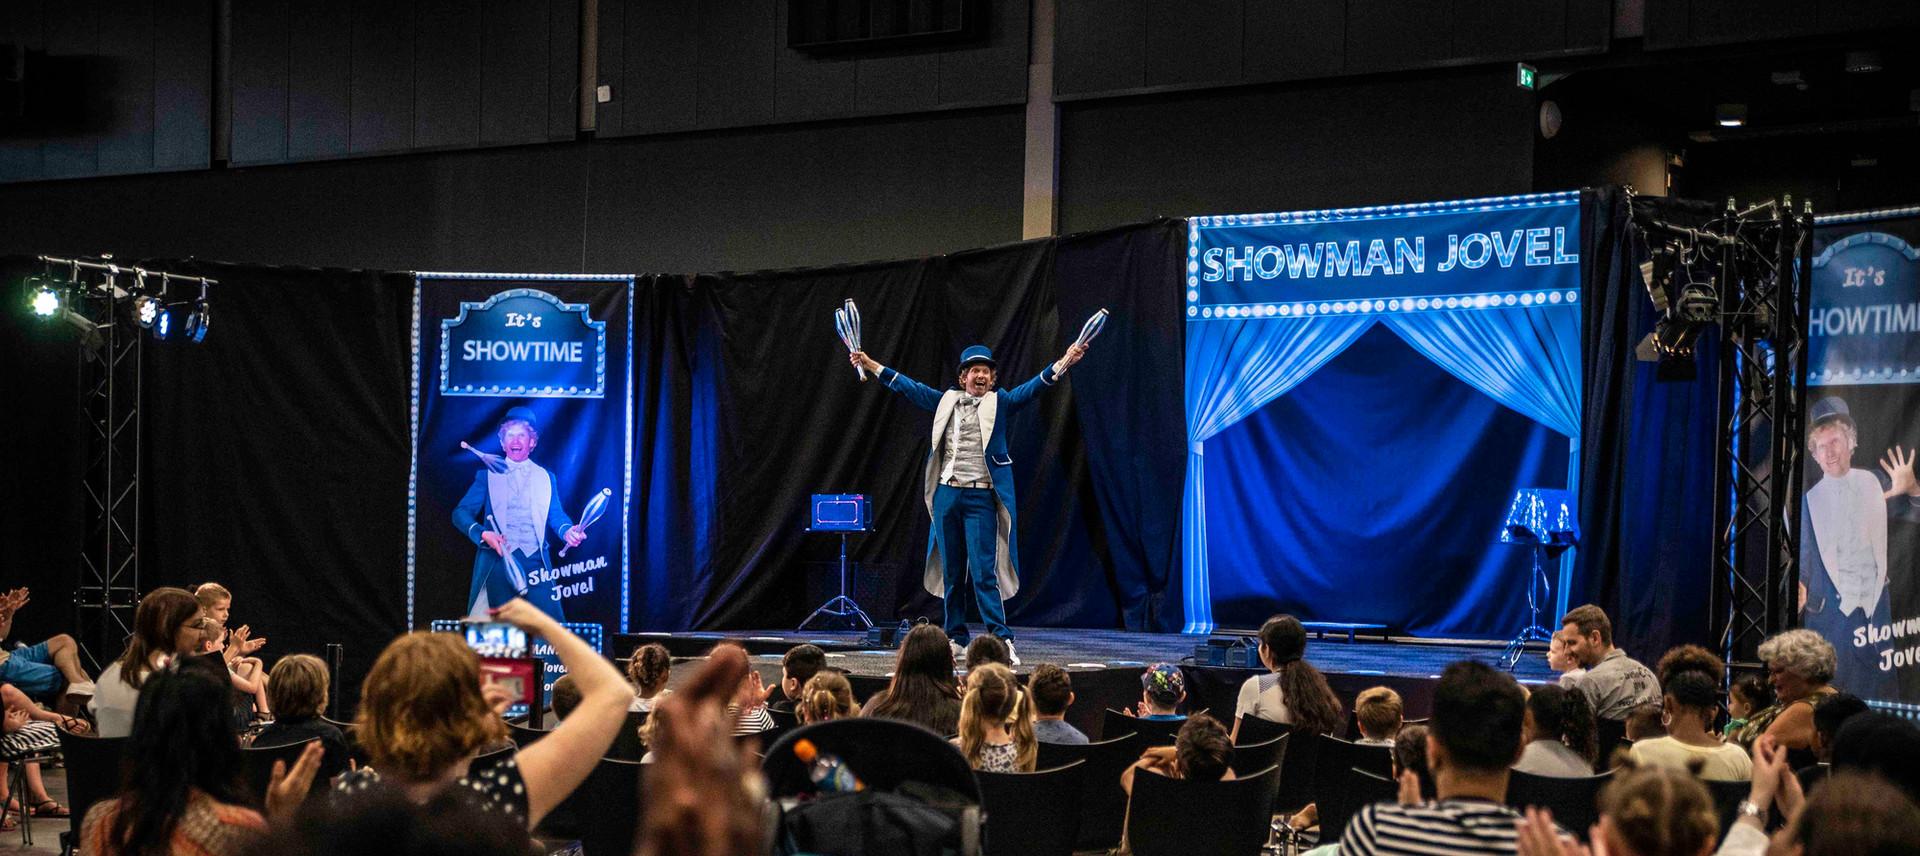 showman jovel theater ahoy goochelaar ki